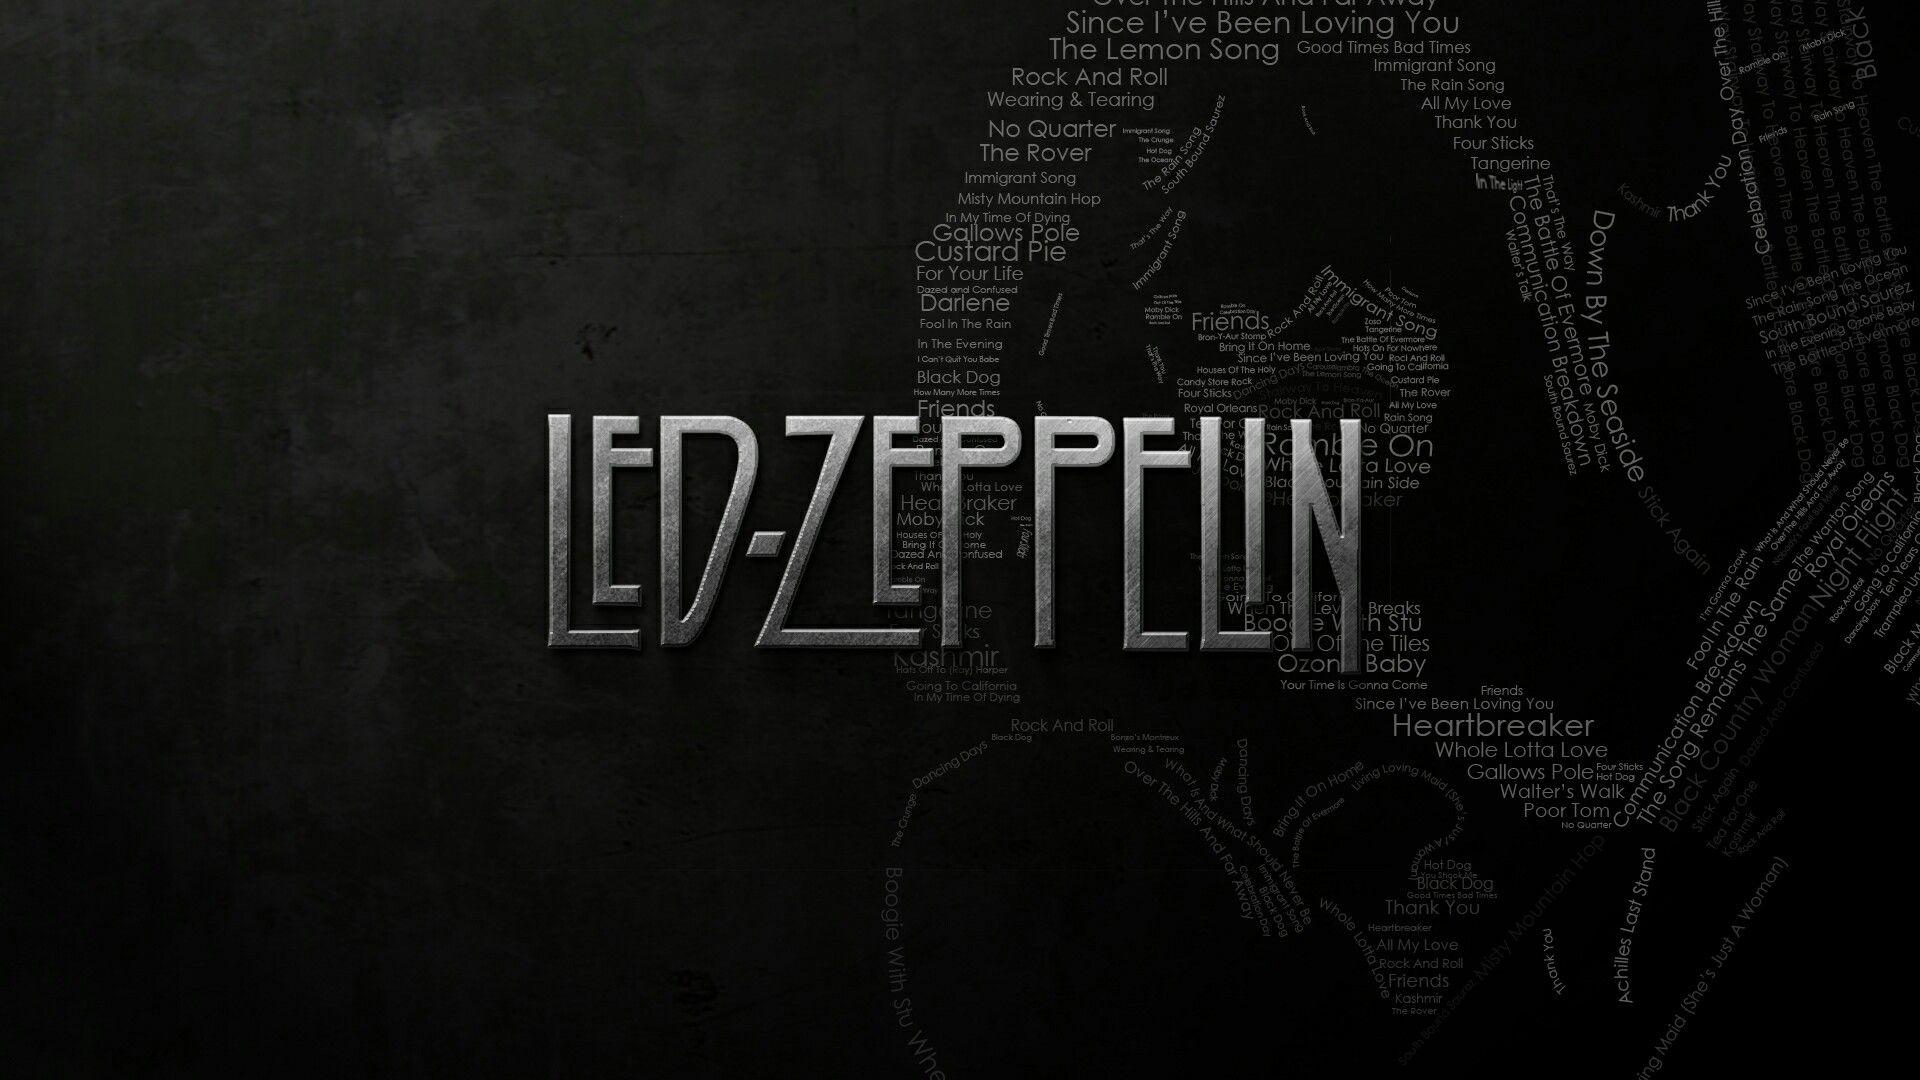 Led Zeppelin Led Zeppelin Wallpaper Led Zeppelin Led Zeppelin Logo